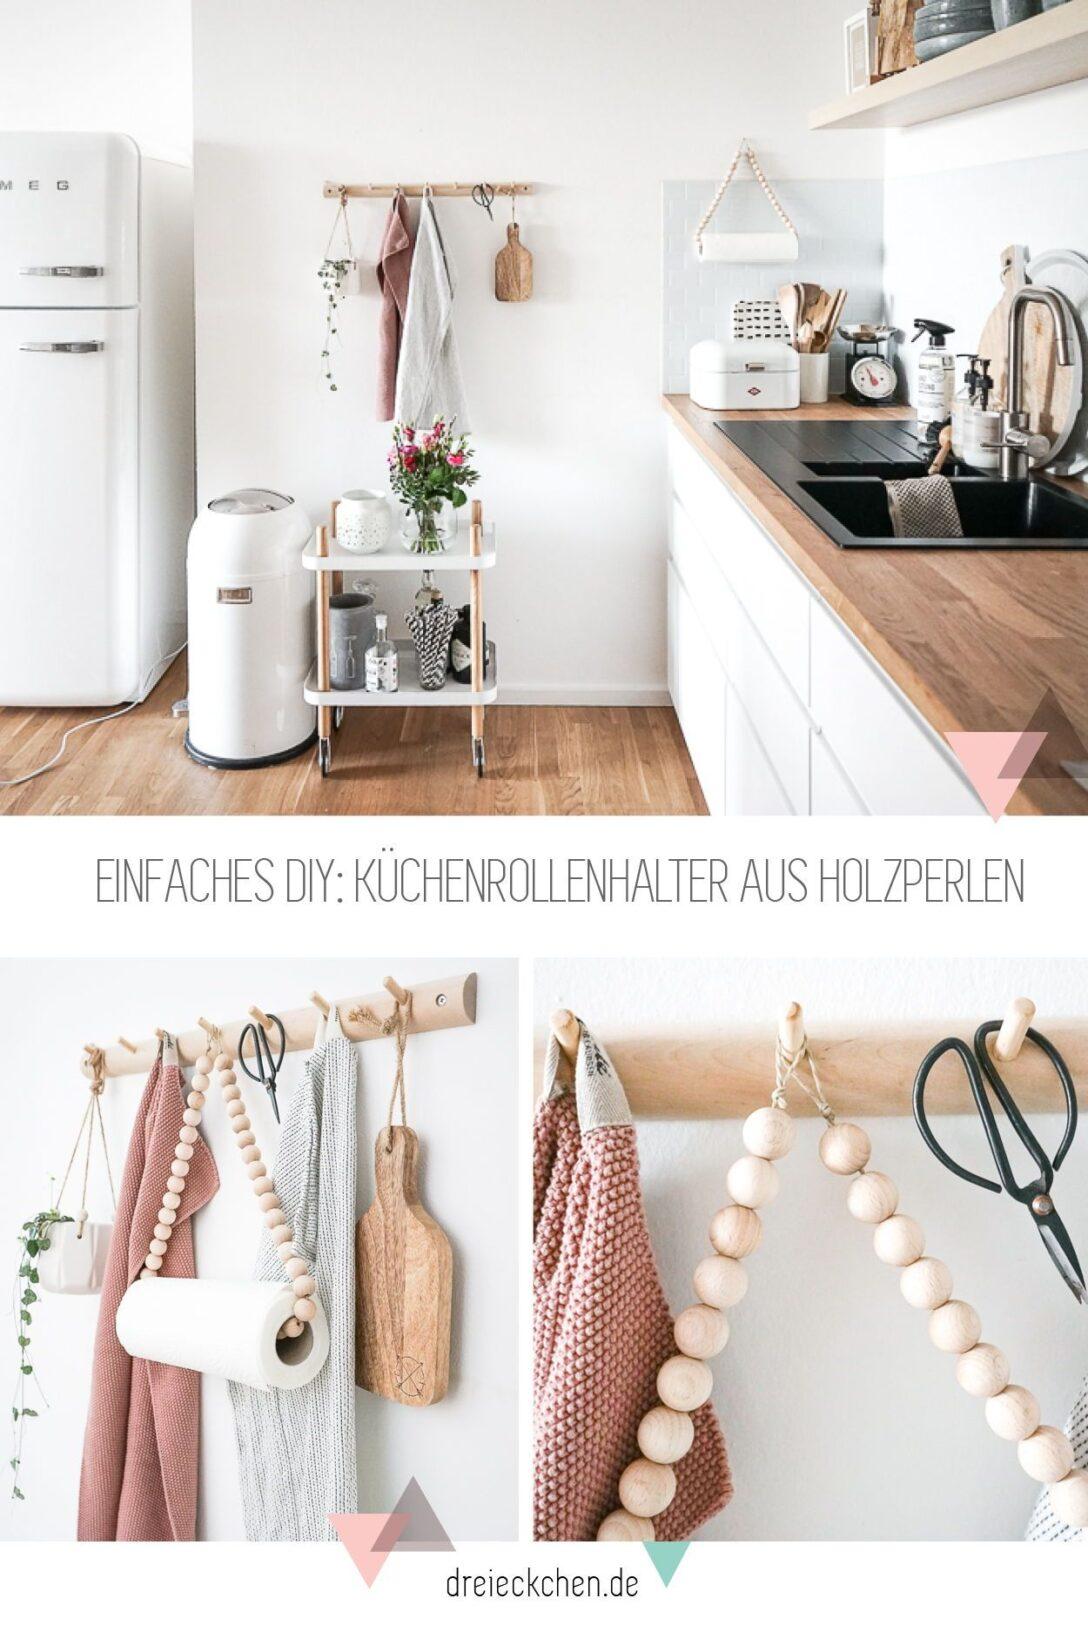 Large Size of Küche Handtuchhalter Praktische Kchenhelfer Diy Ideen Fr Kchenrollenhalter Kaufen Mit Elektrogeräten Holzküche Ohne Elektrogeräte Günstig Landhaus Kinder Wohnzimmer Küche Handtuchhalter